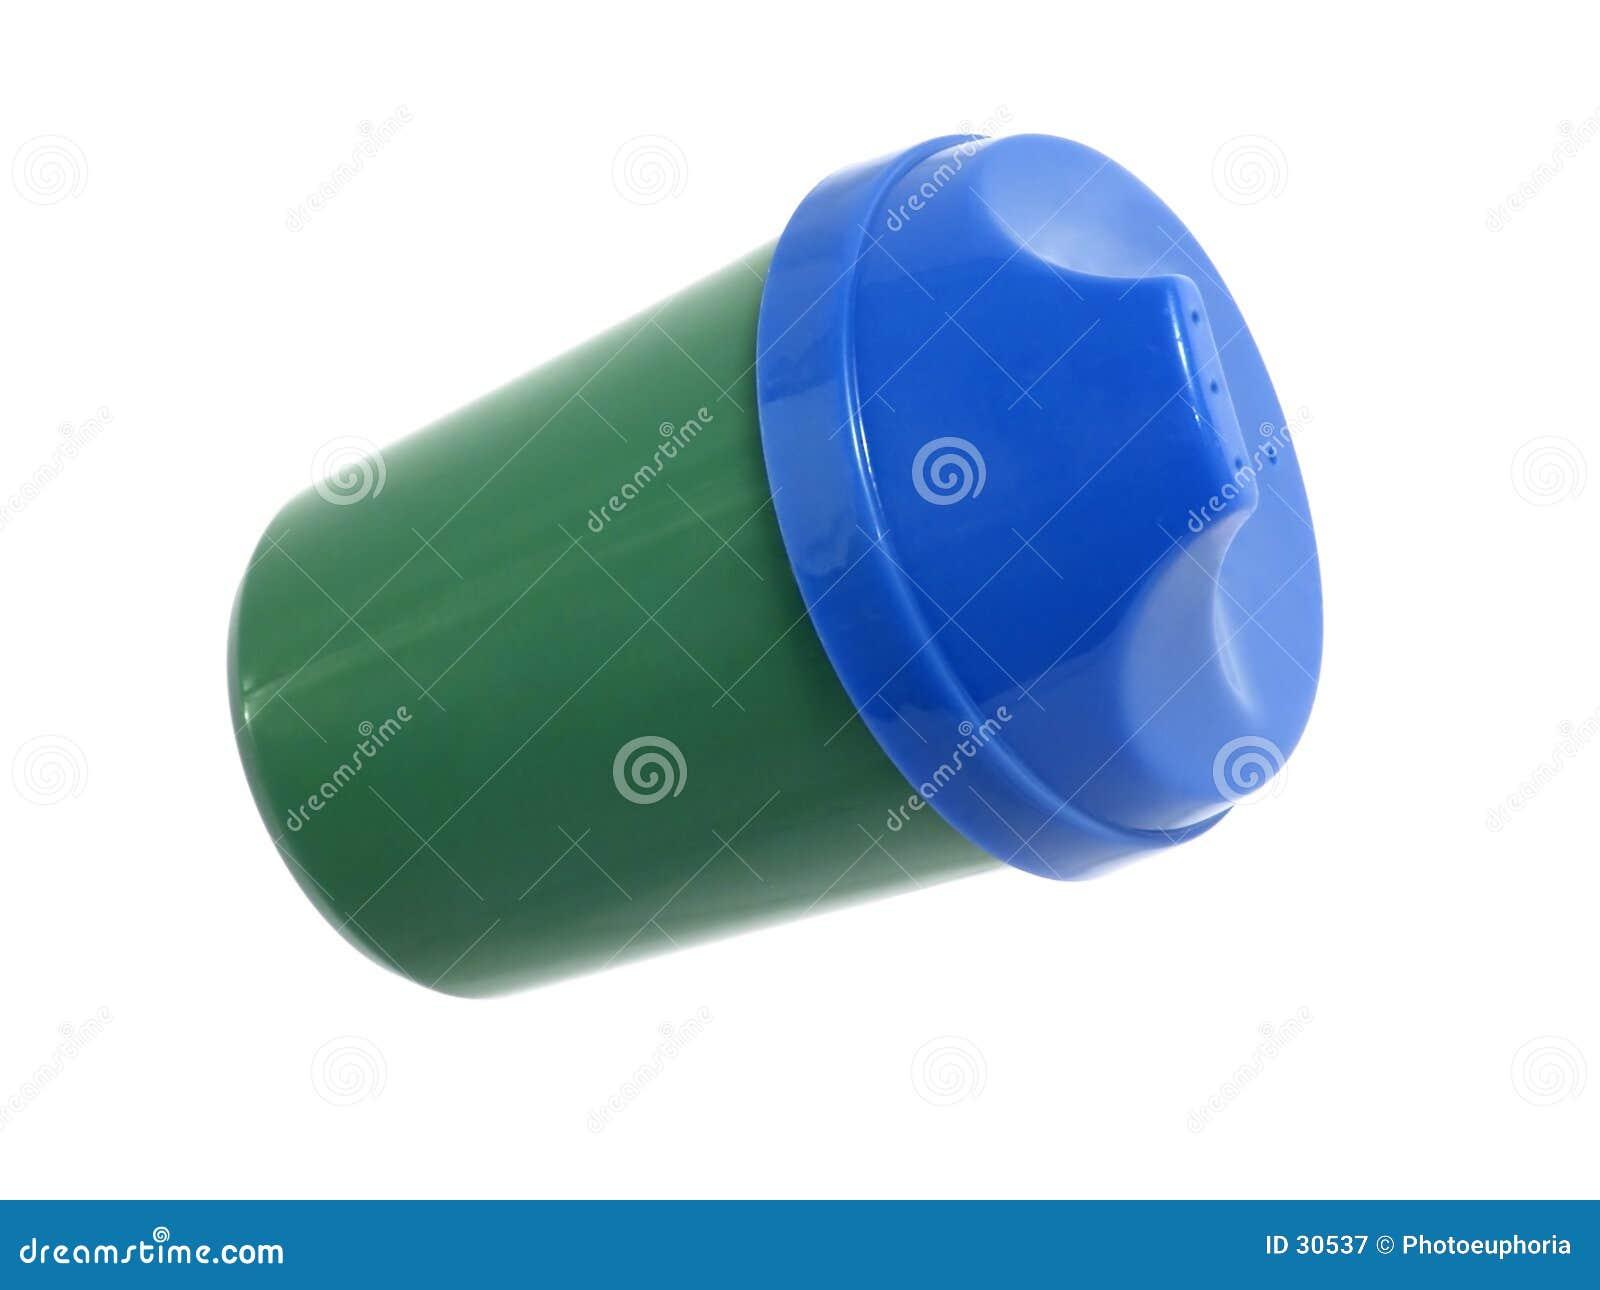 Artigos do agregado familiar: Copo azul e verde da criança